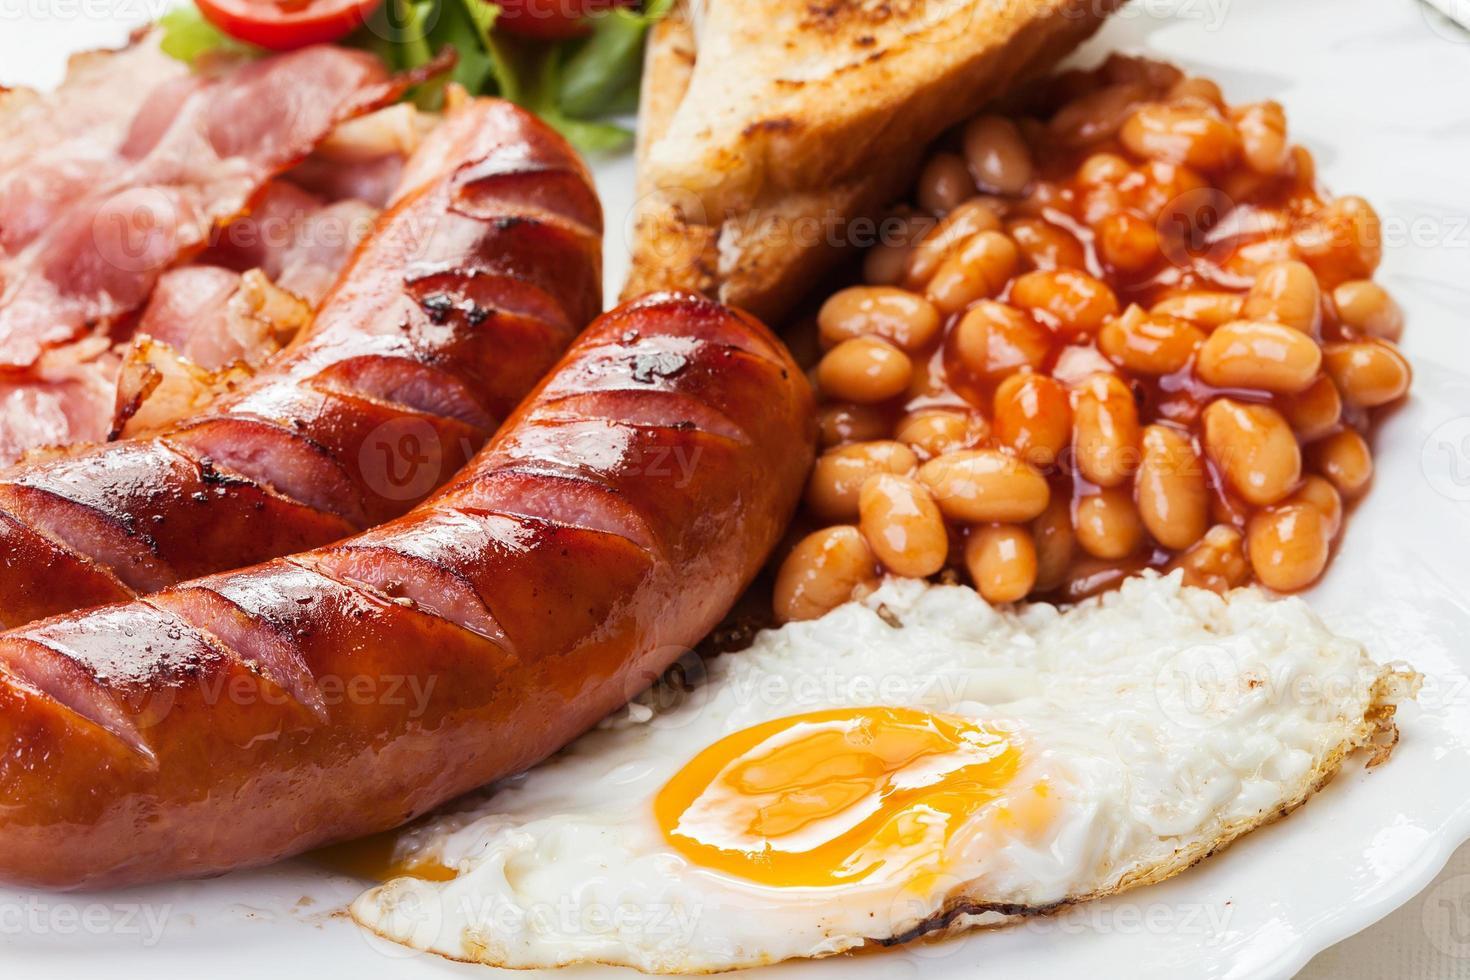 full engelsk frukost med bacon, korv, ägg och bakade bönor foto